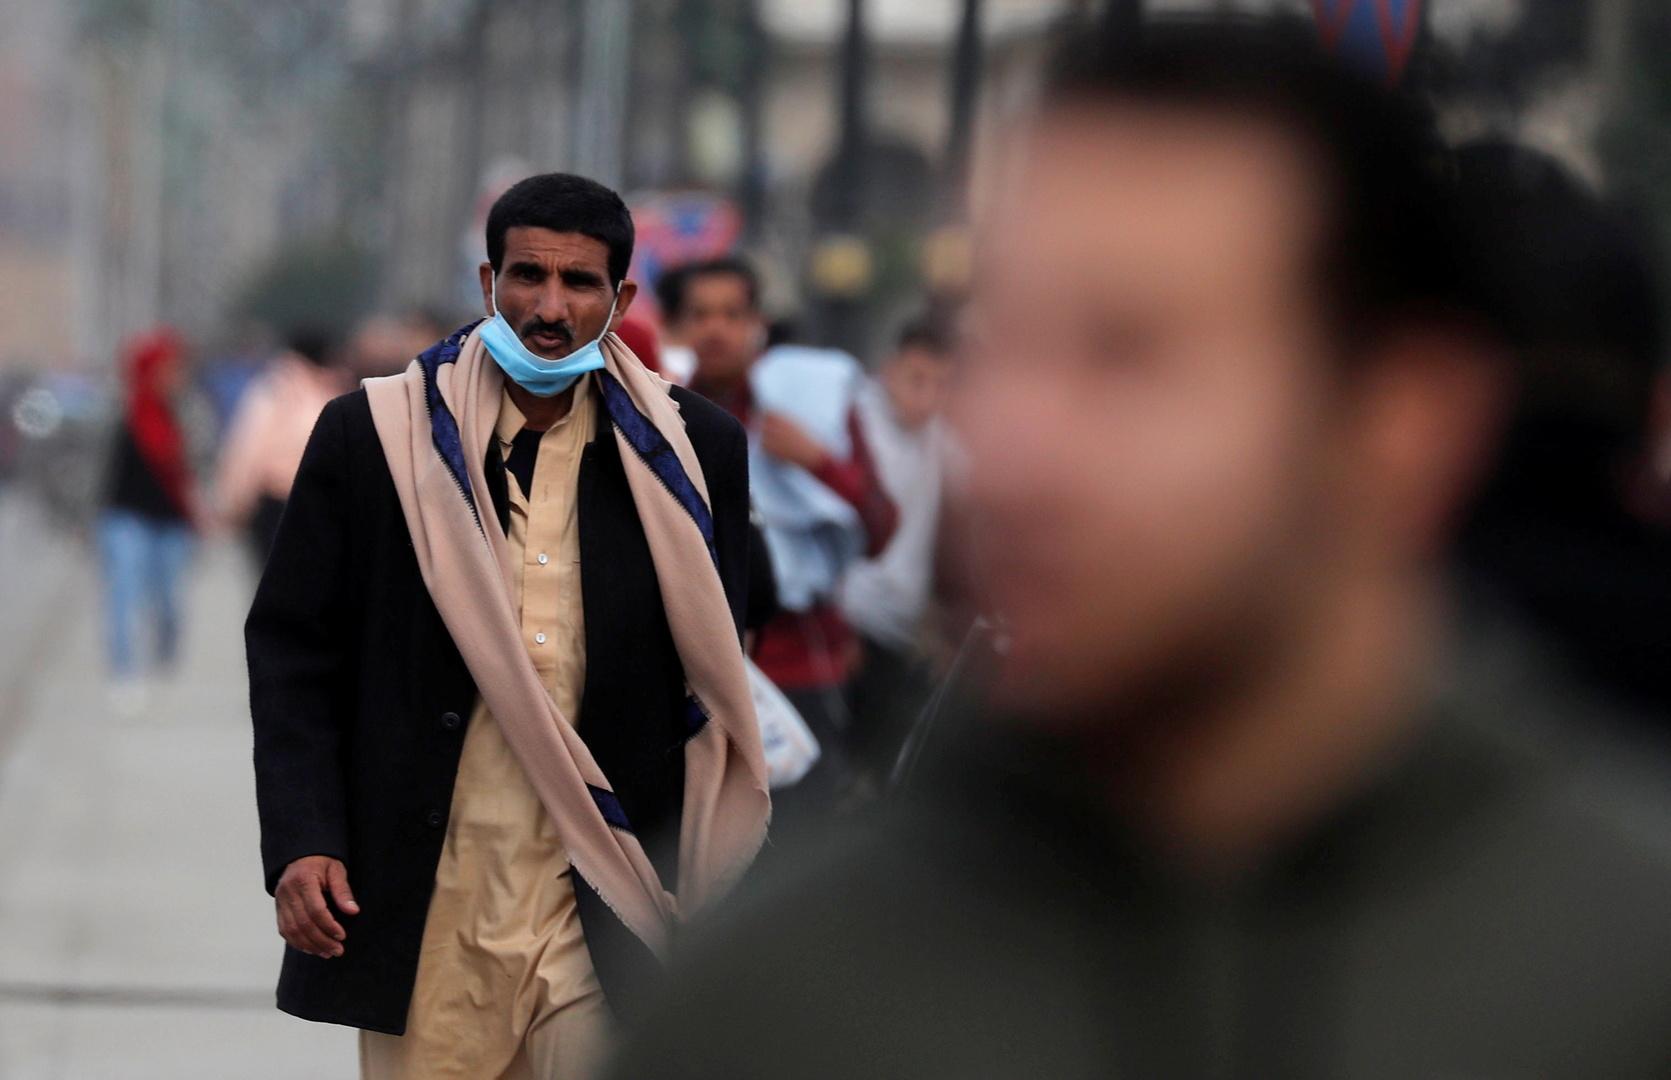 مصر تسجل 56 وفاة و996 إصابة جديدة بفيروس كورونا